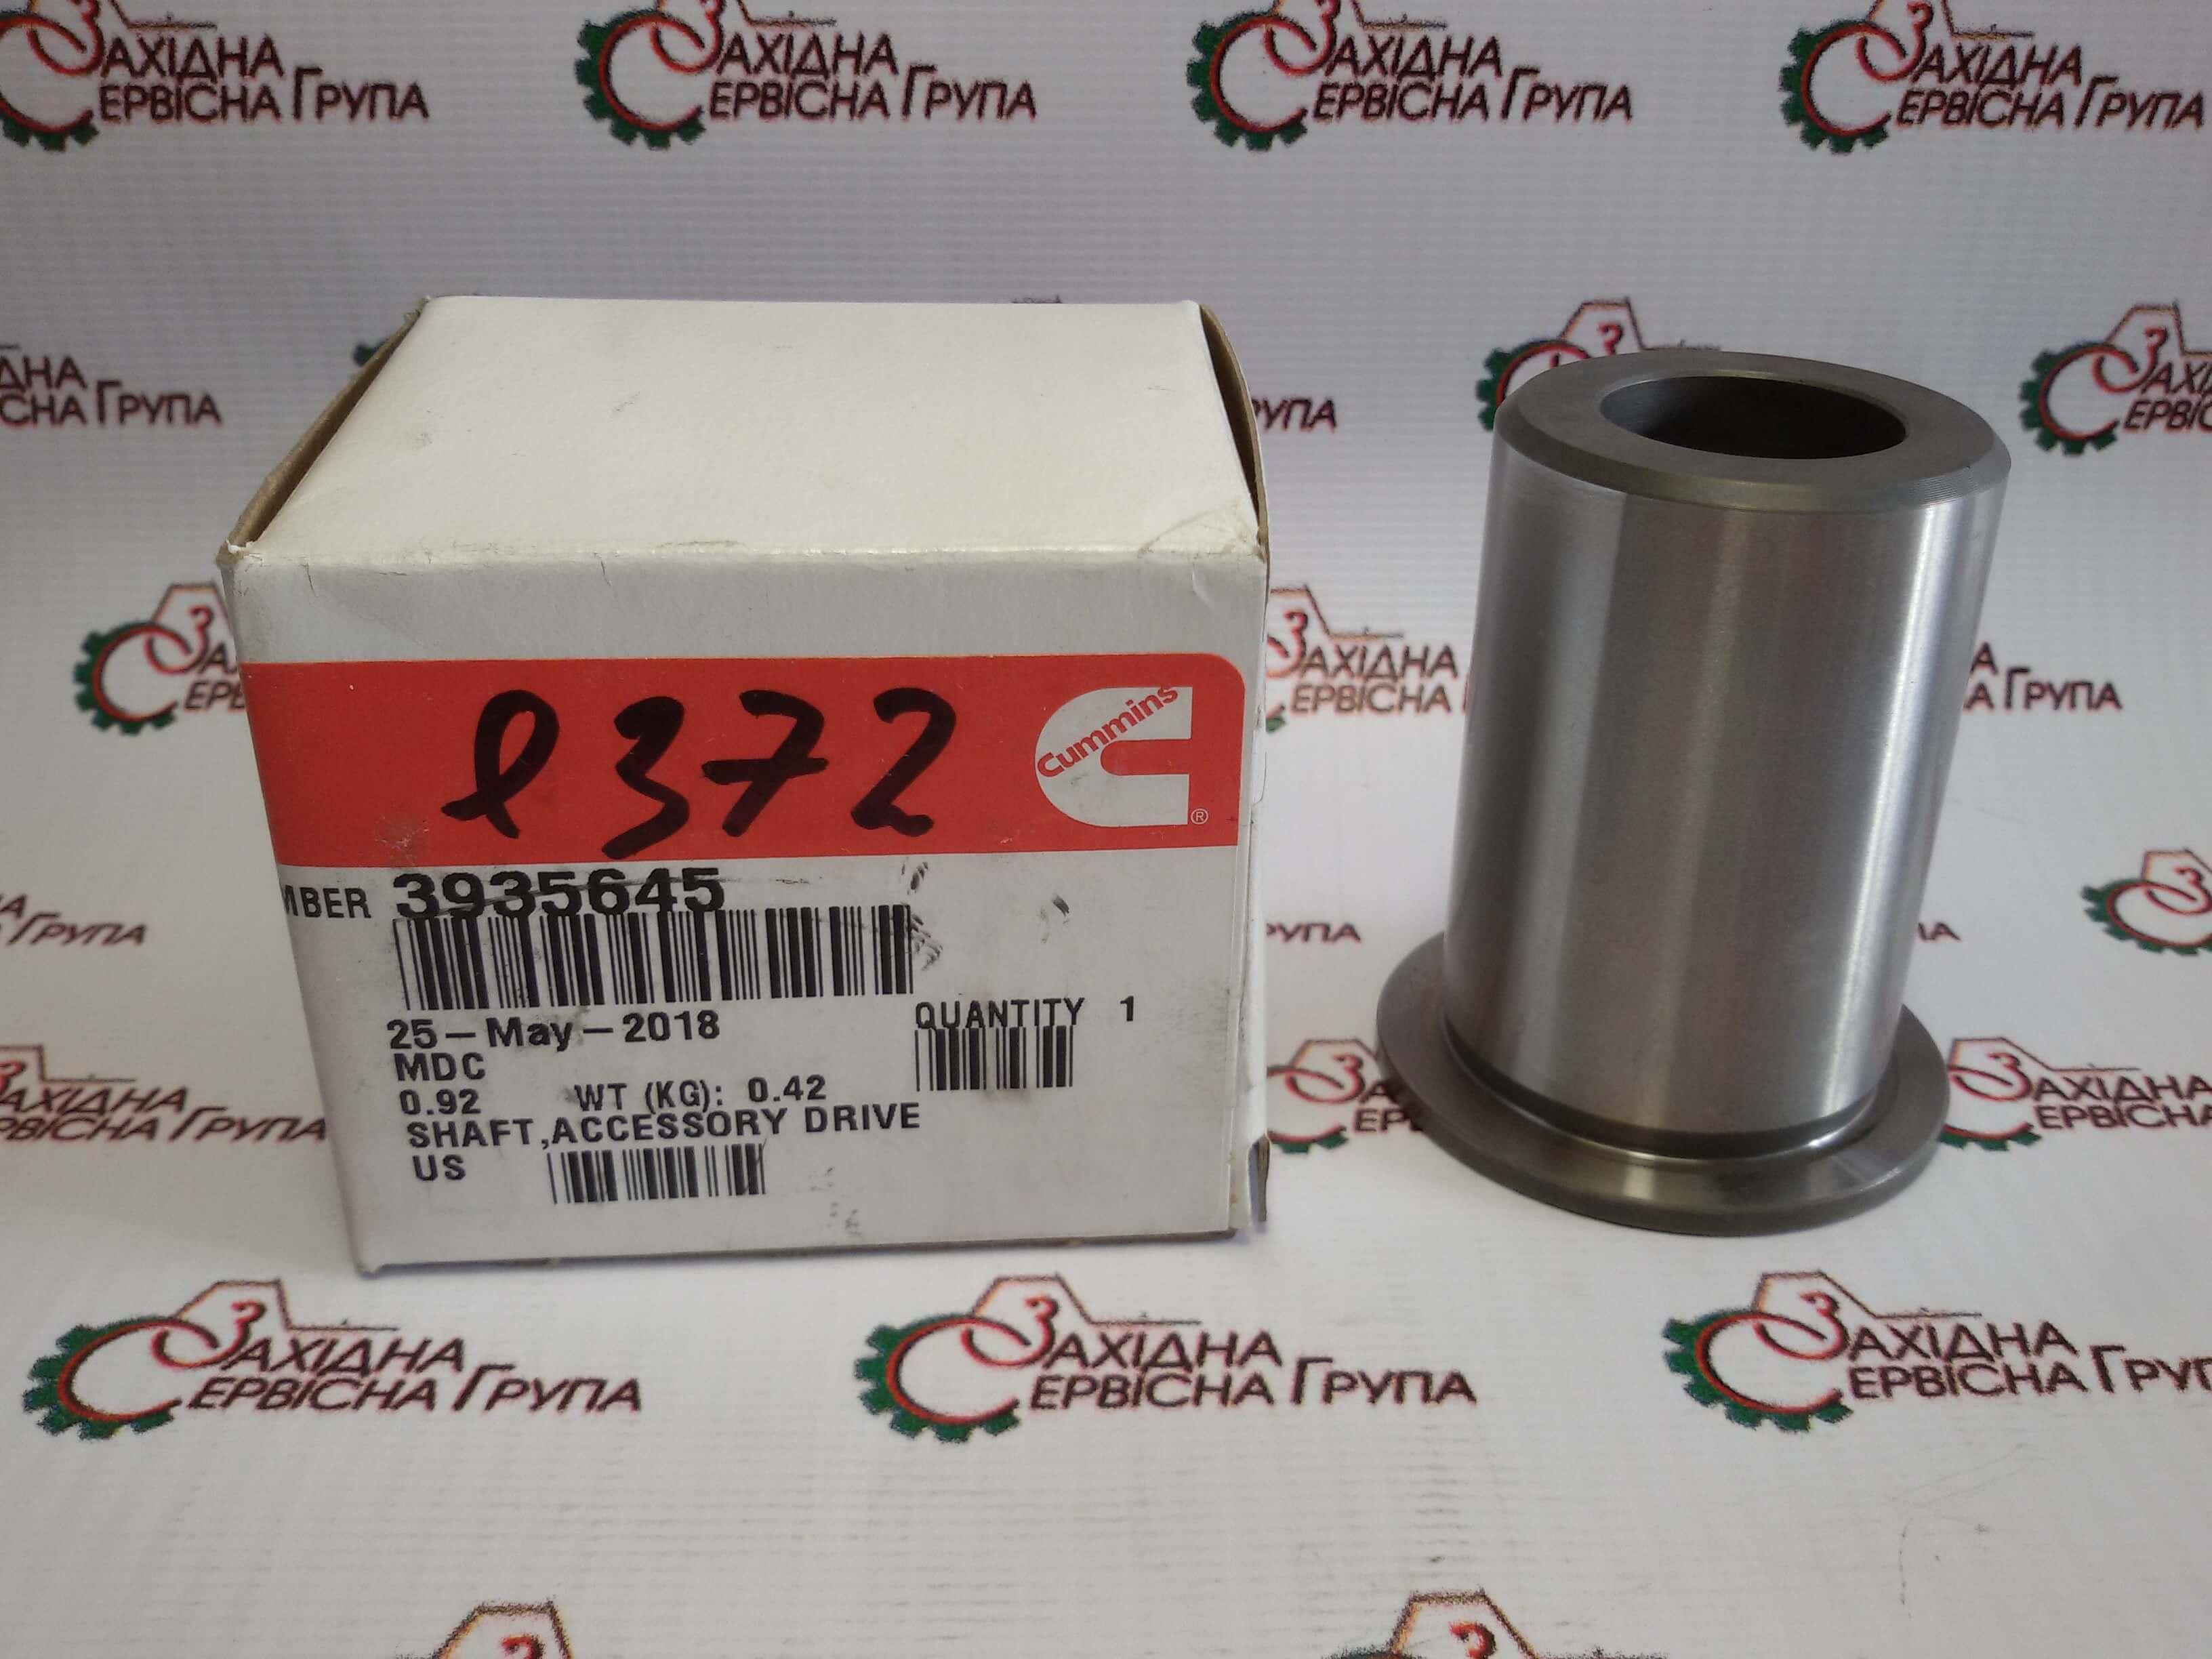 Вал привода вспомогательных агрегатов Cummins ISX15, QSX15, 3935645.